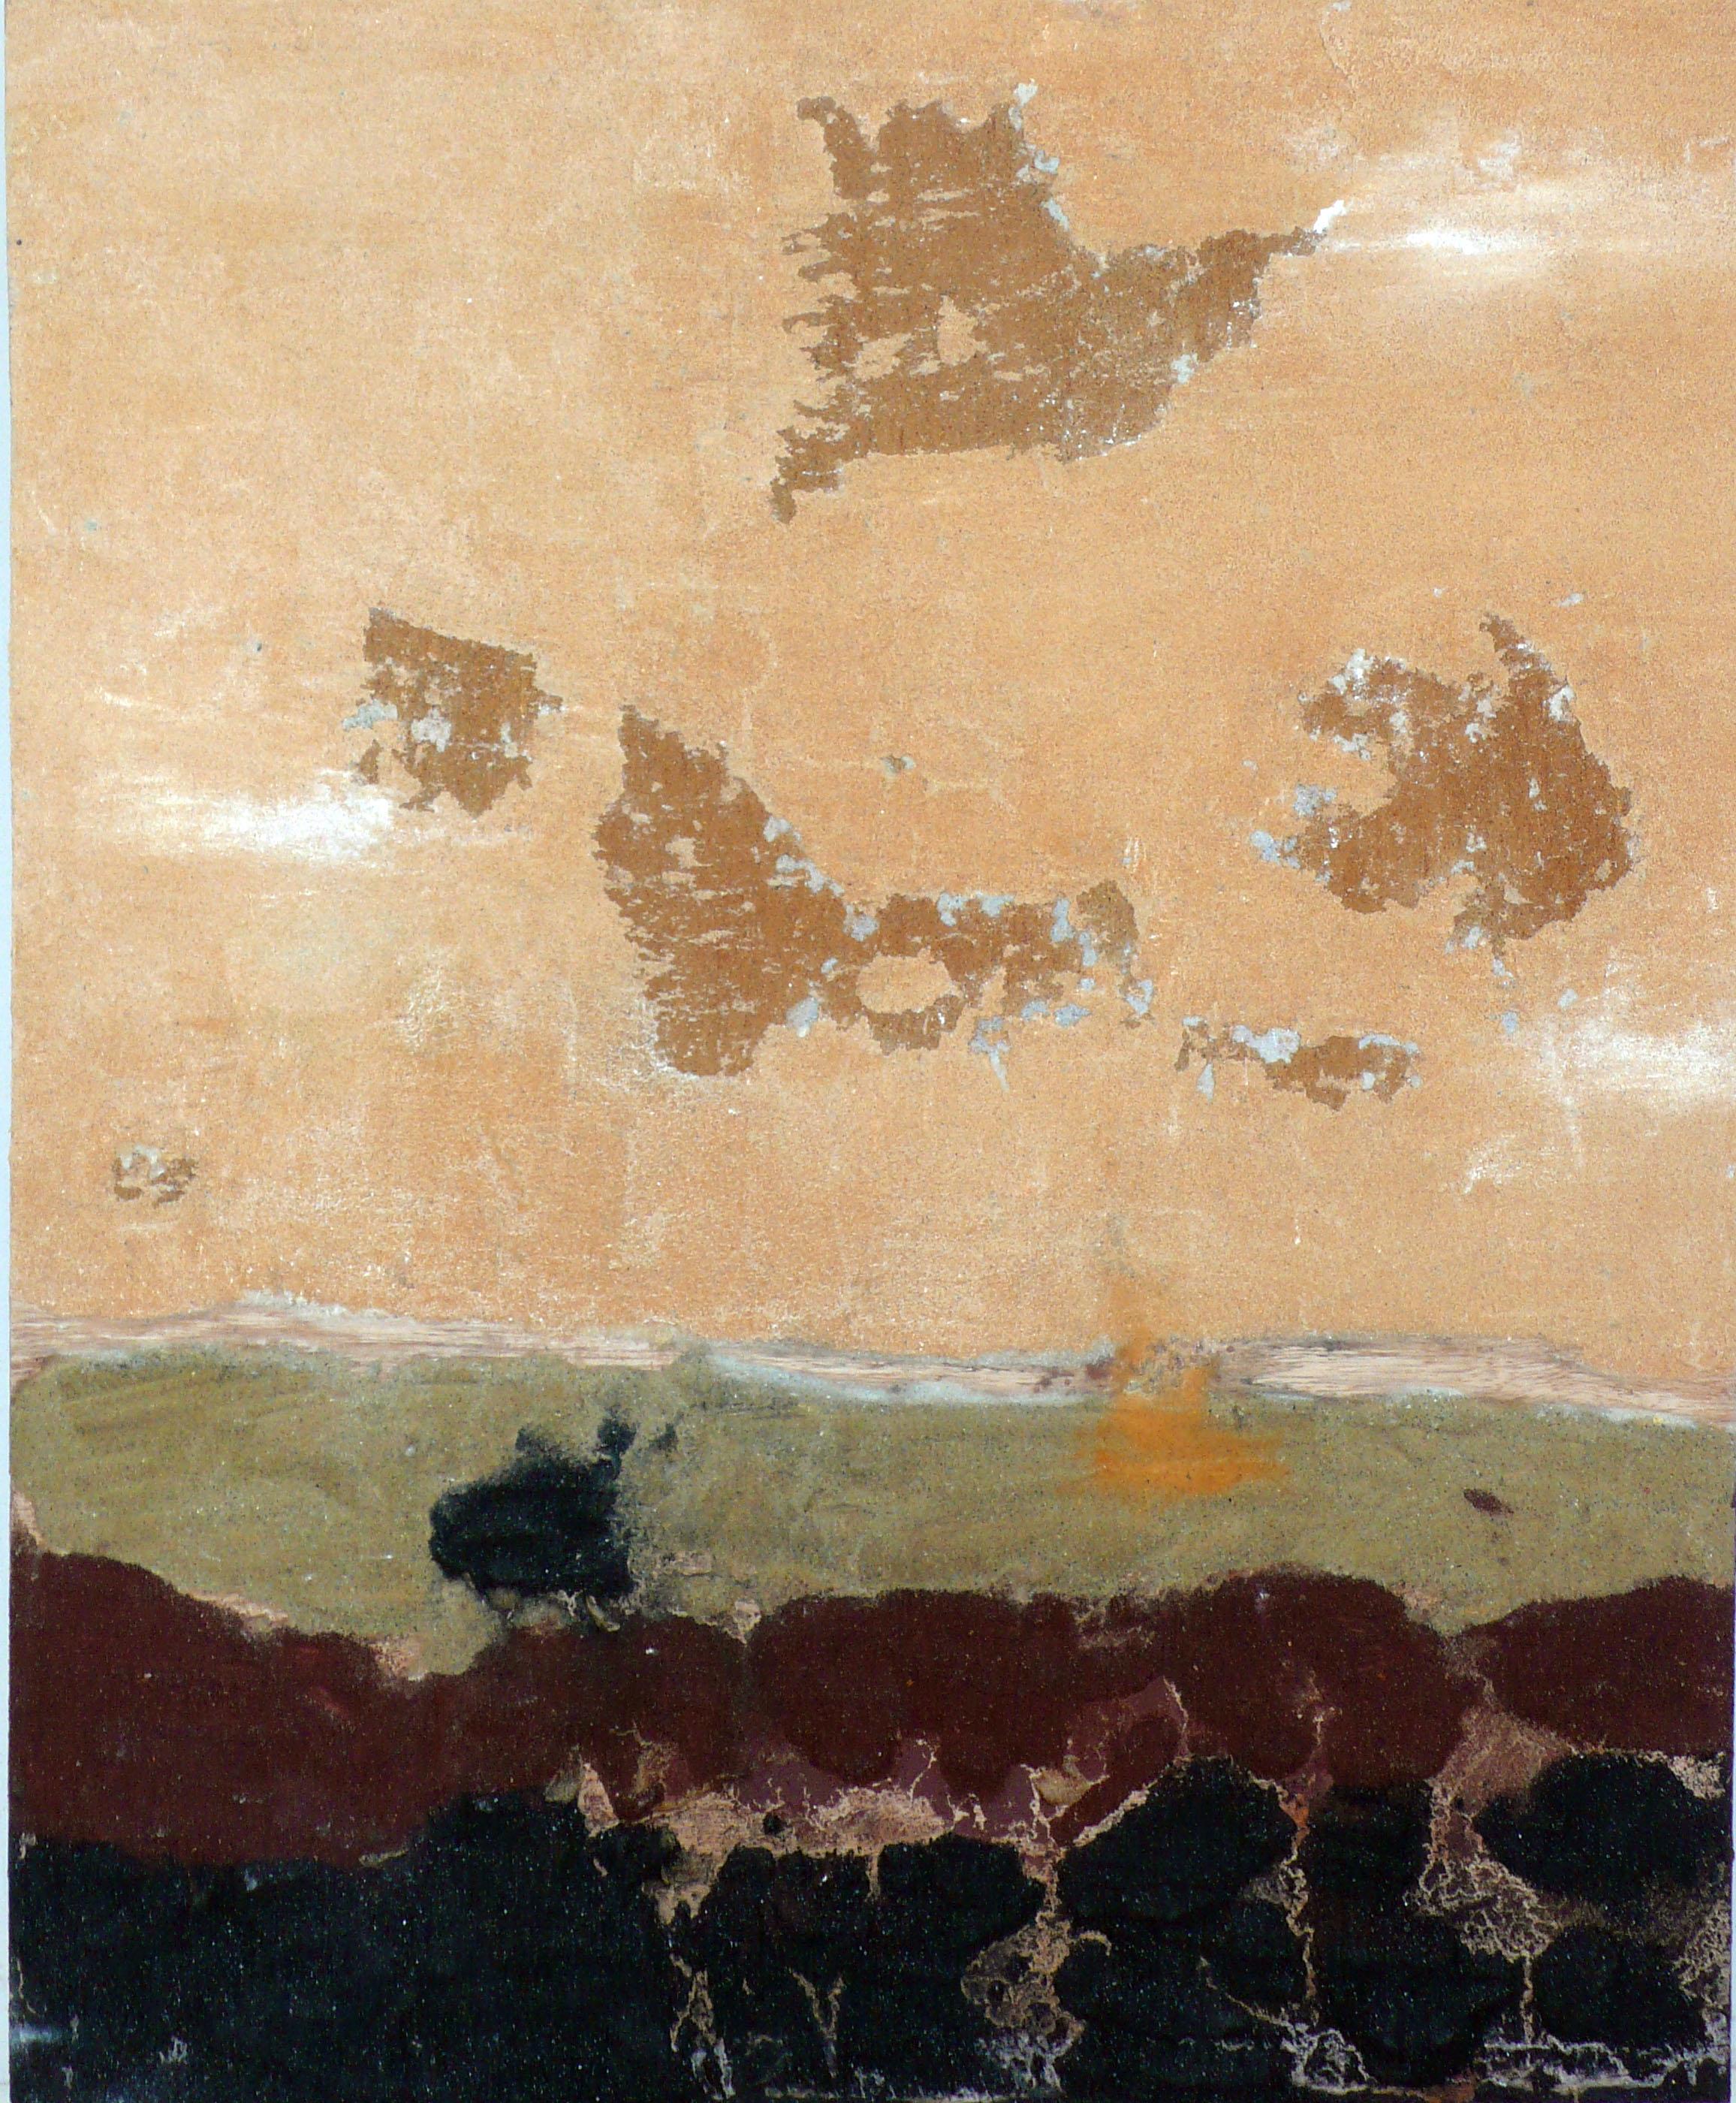 laube-technique-mixte-sur-panneau-2012-60x49